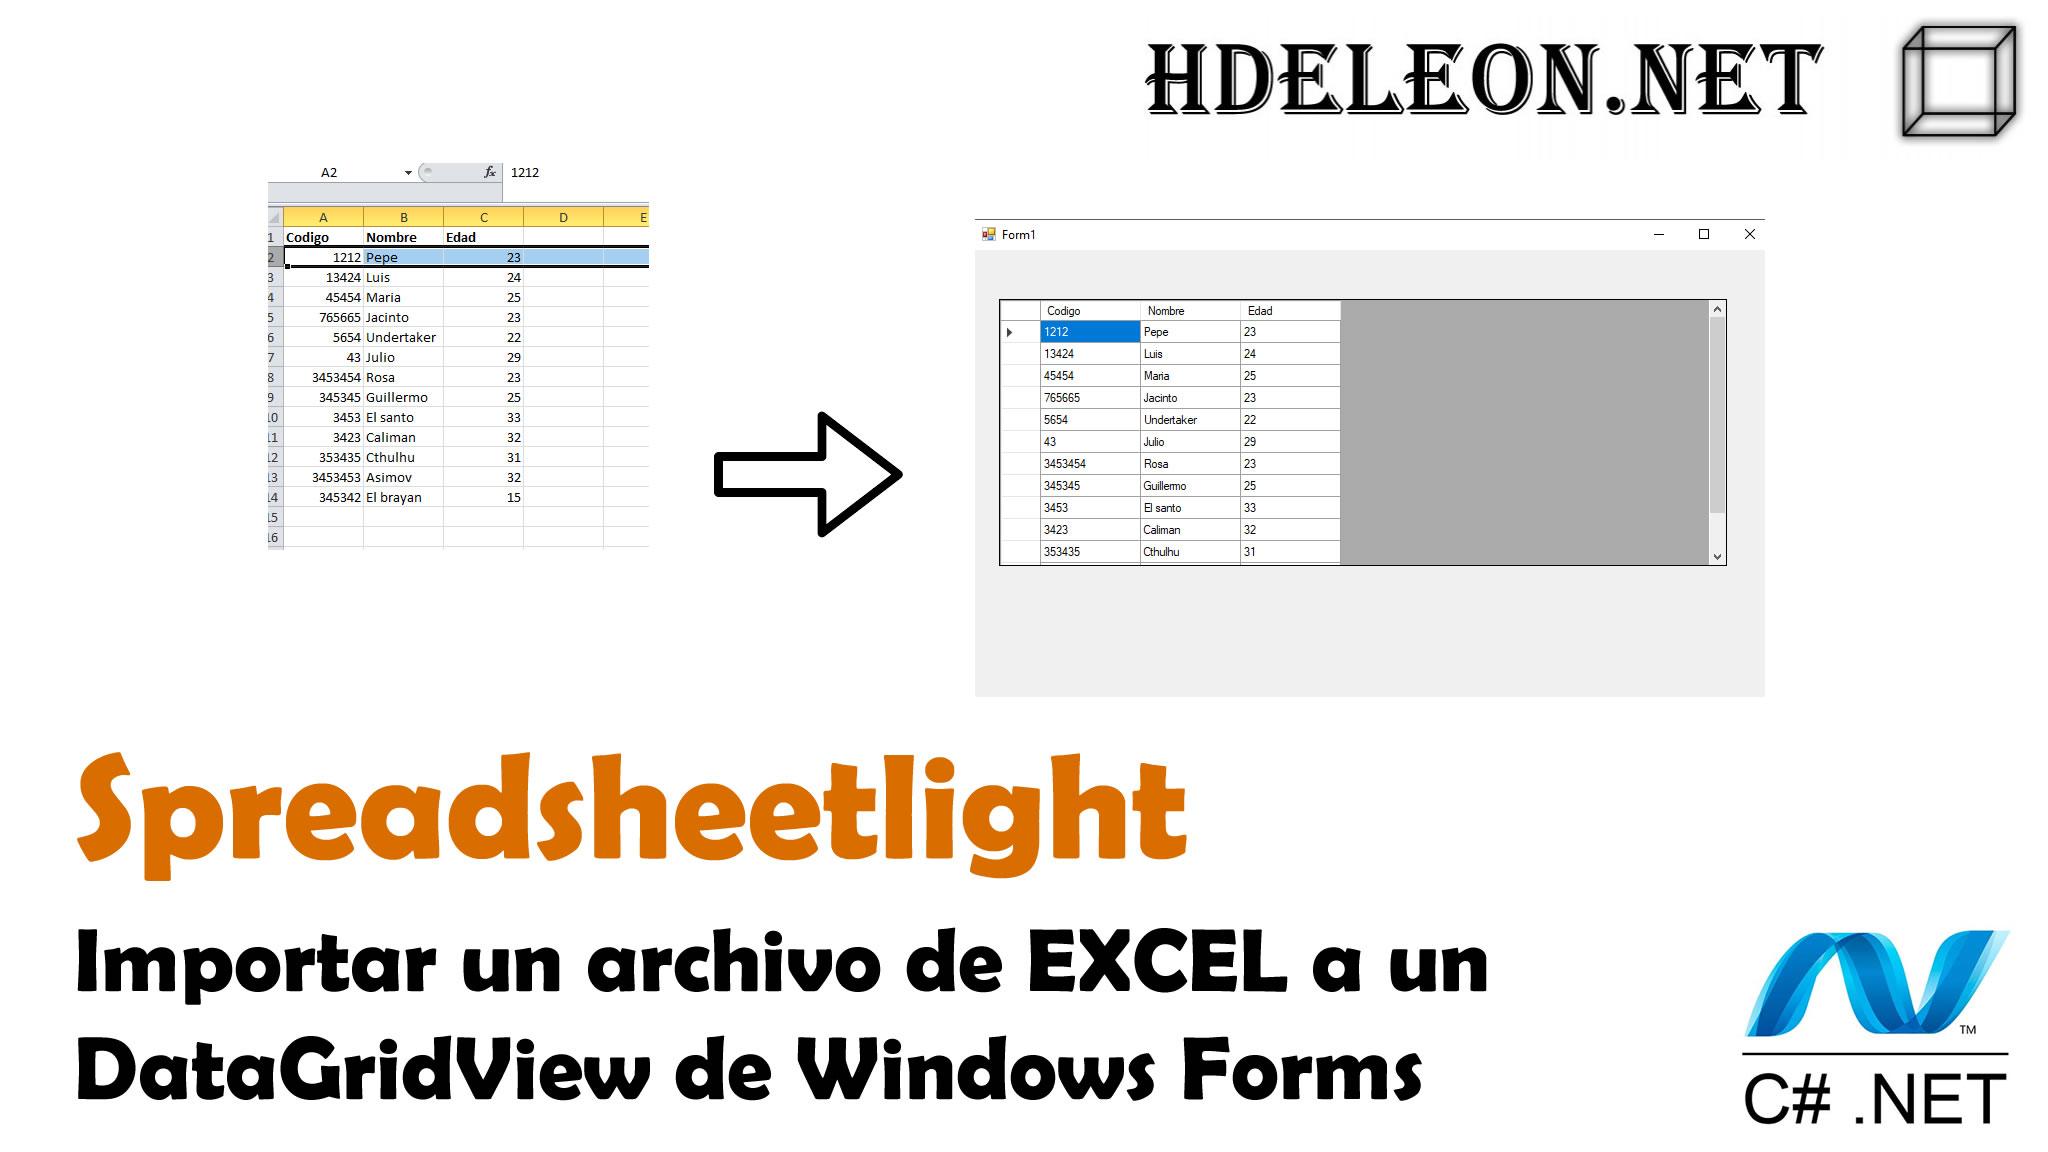 Importar el contenido de un archivo de Excel a un DataGridView de Windows Forms